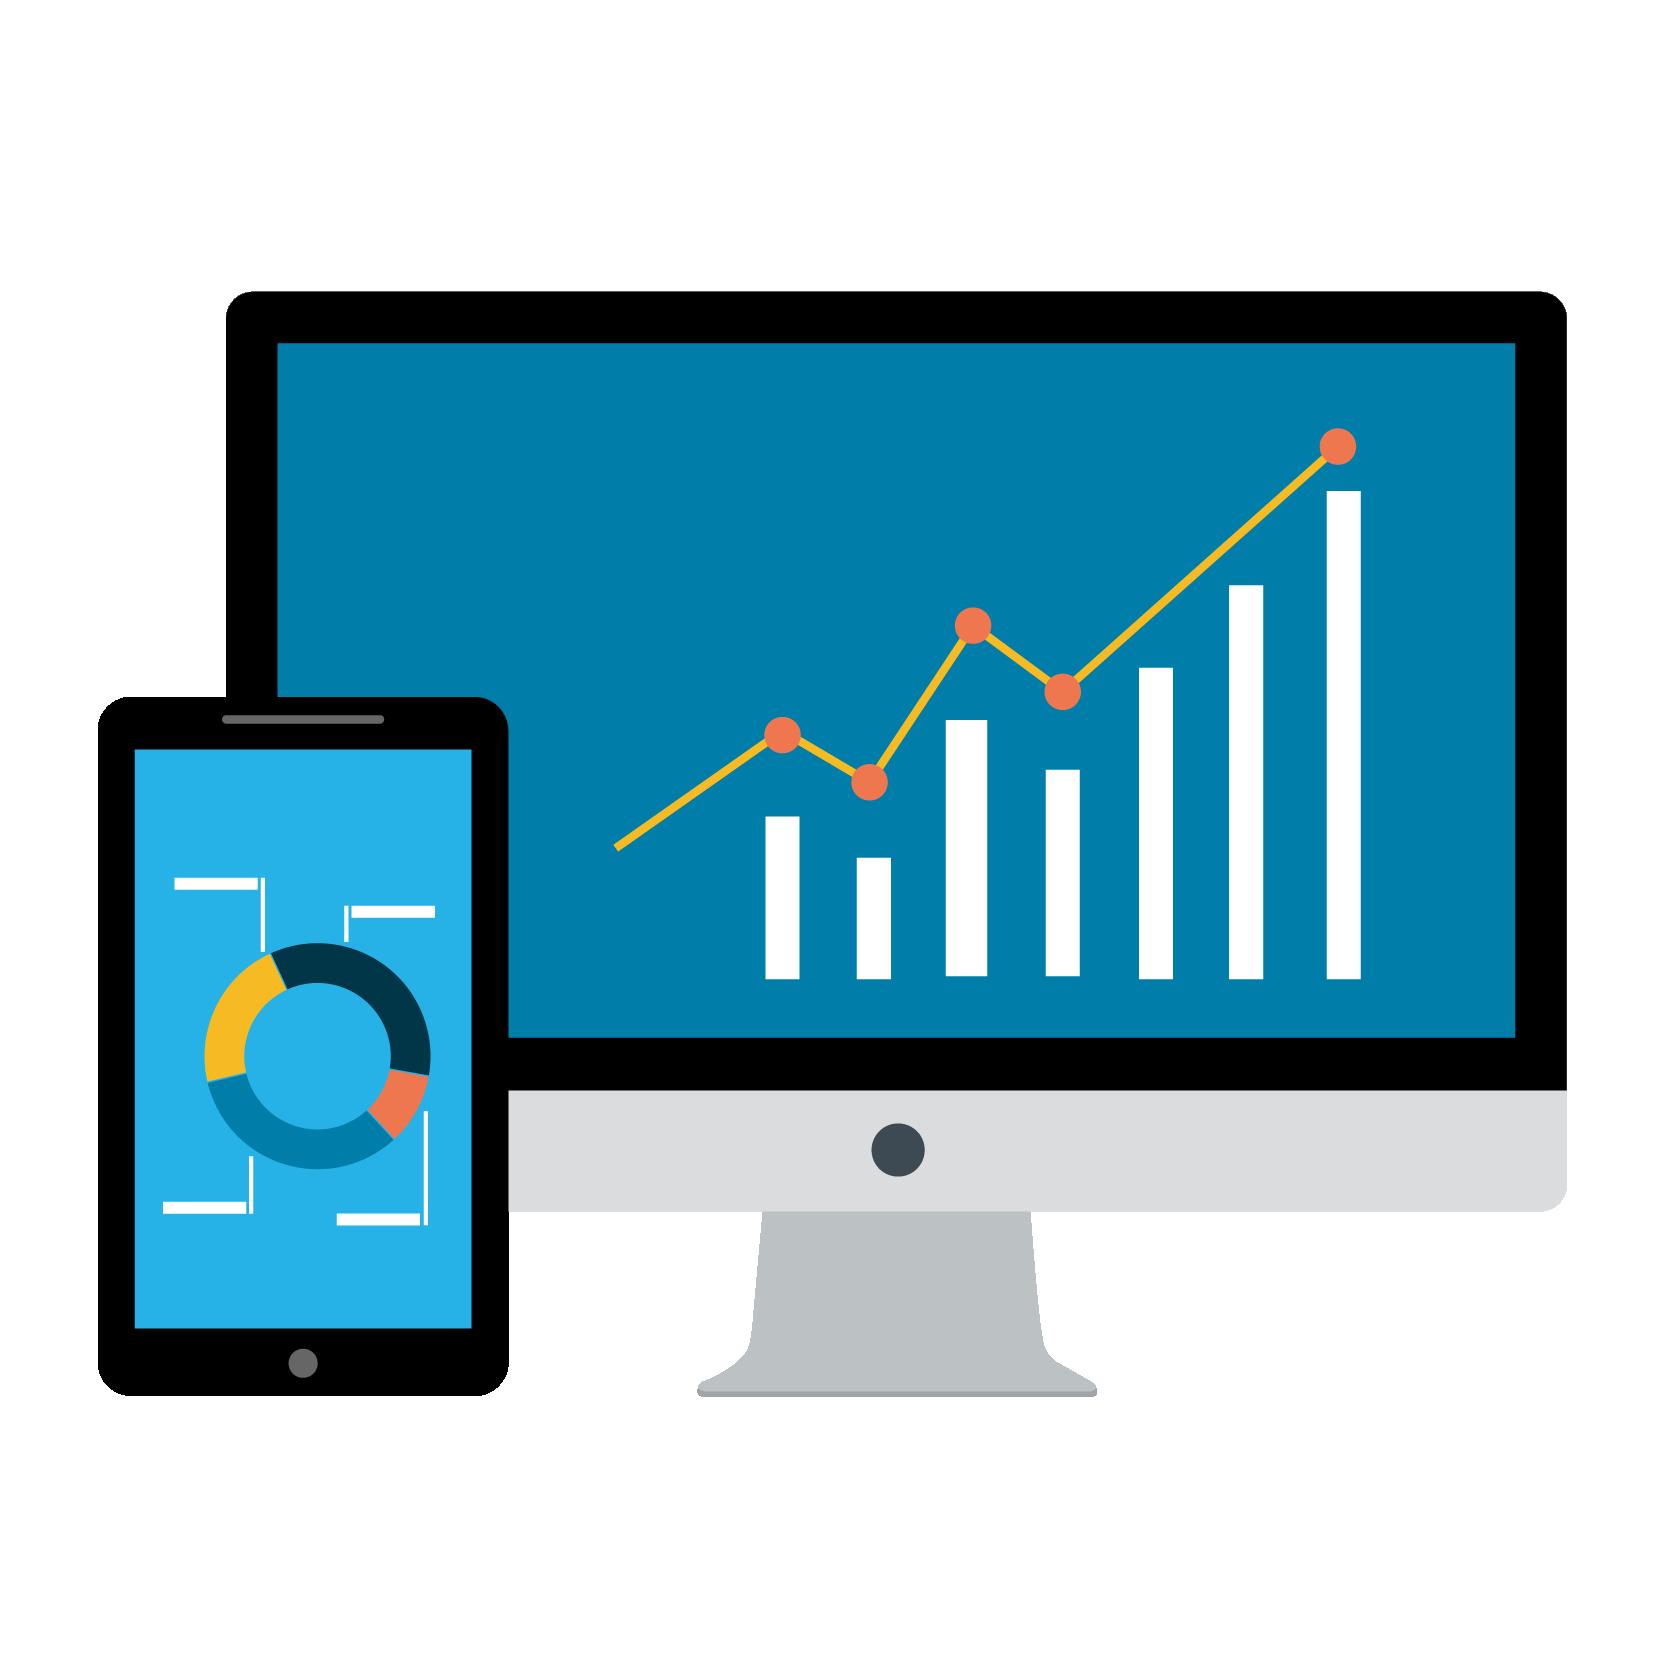 gazzaroo webdesign services webdevelopment branding design social media managemenet seo pretoria 04 - Gazzaroo Web Design and Development